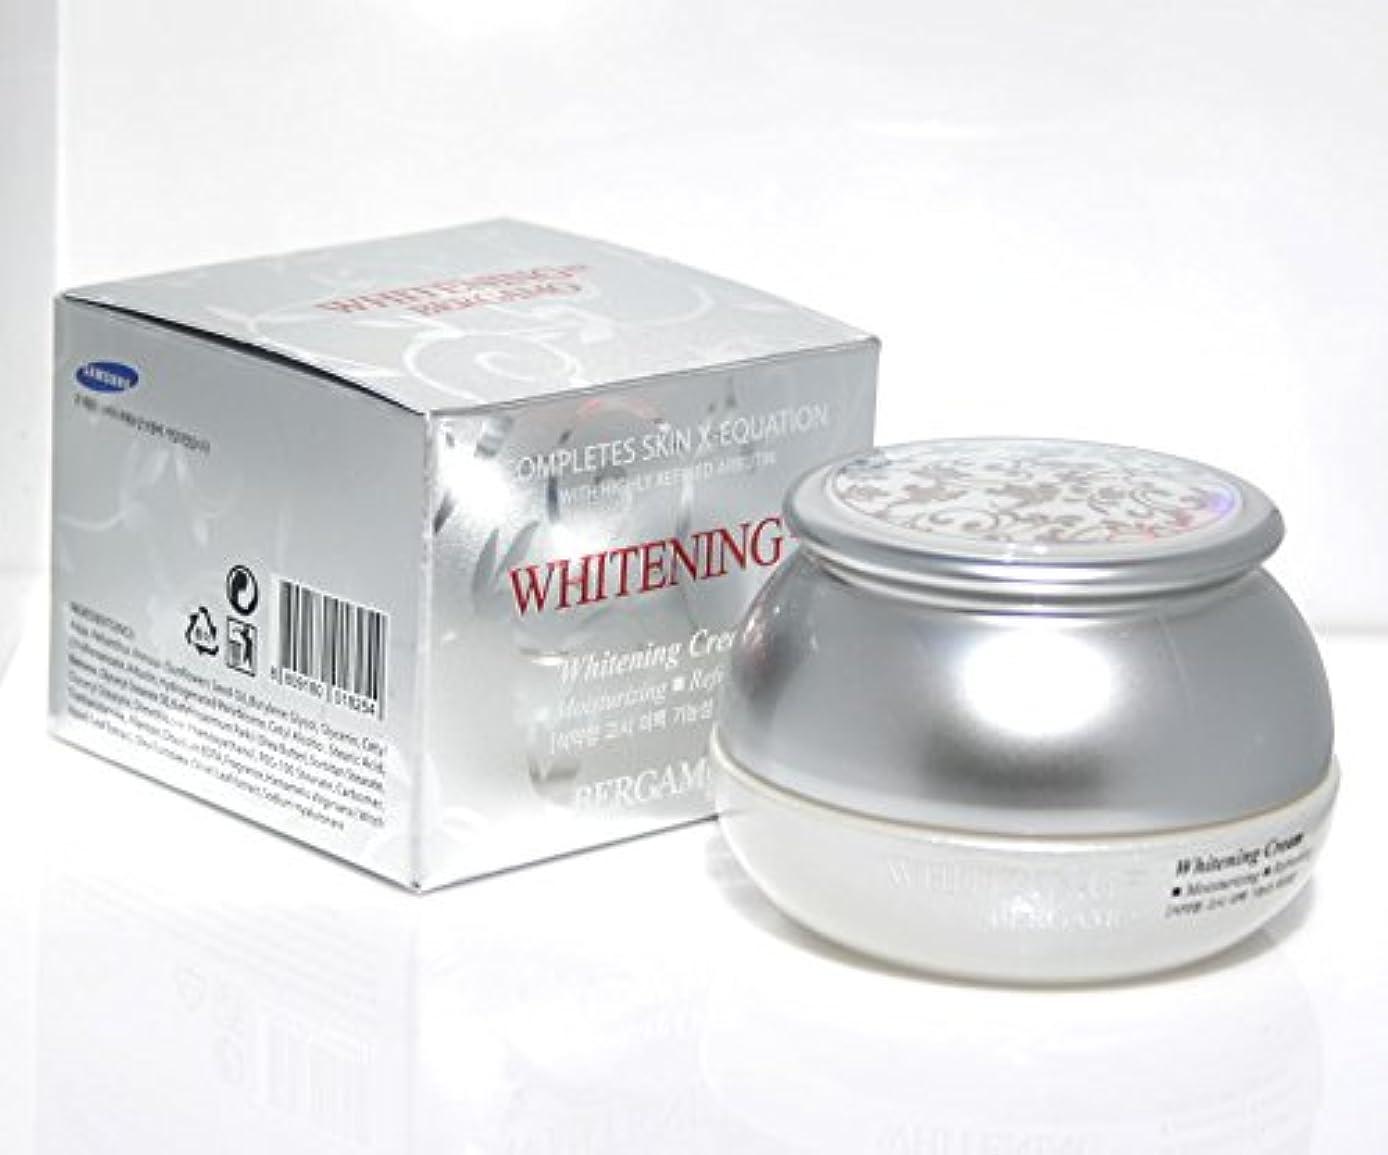 トレーニング合わせてプレゼン【ベルガモ][Bergamo]  は、高度に精製アルブチンホワイトニング例クリーム50g /  Completes Skin X-equation with Highly Refined Albutin Whitening...